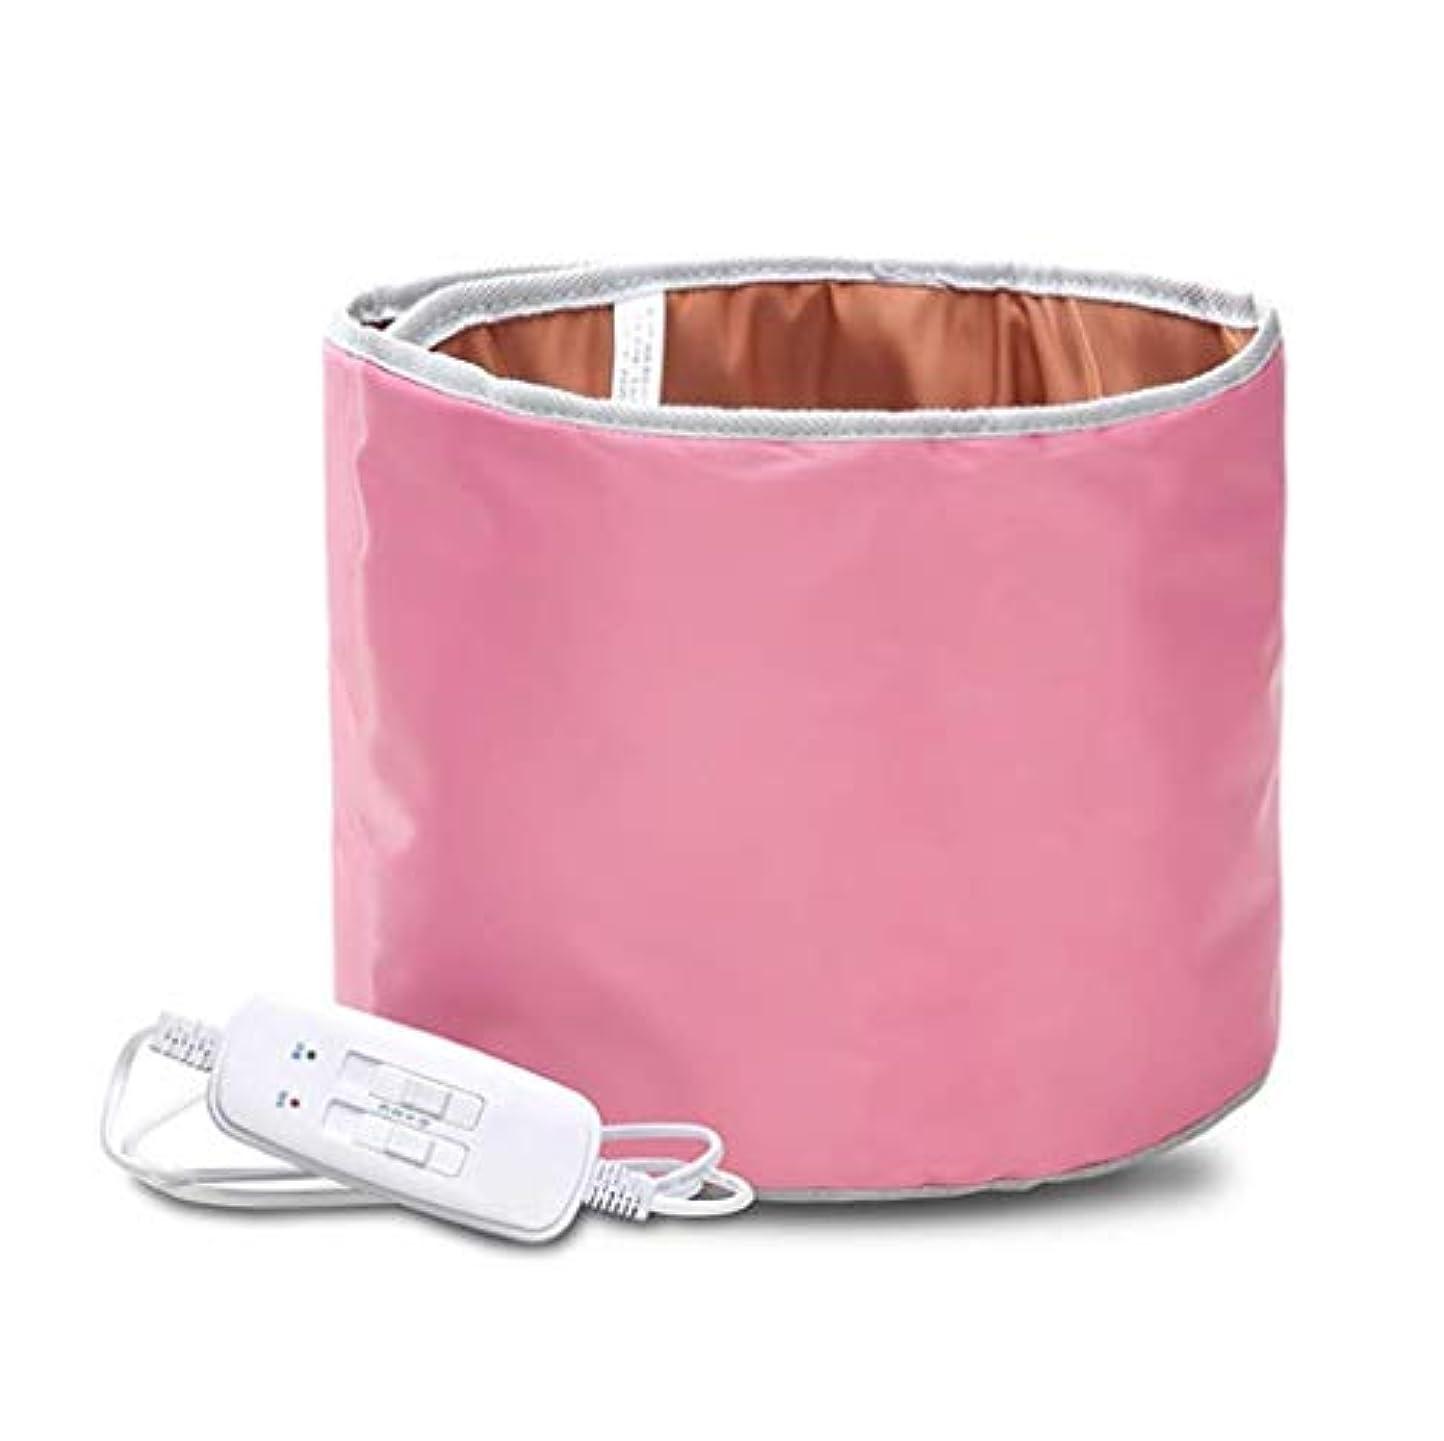 ストレッチデッド心配ウエストマッサージャー、電熱腰椎サポートベルト、血液循環の促進、痛みの緩和、保温 (Color : ピンク)